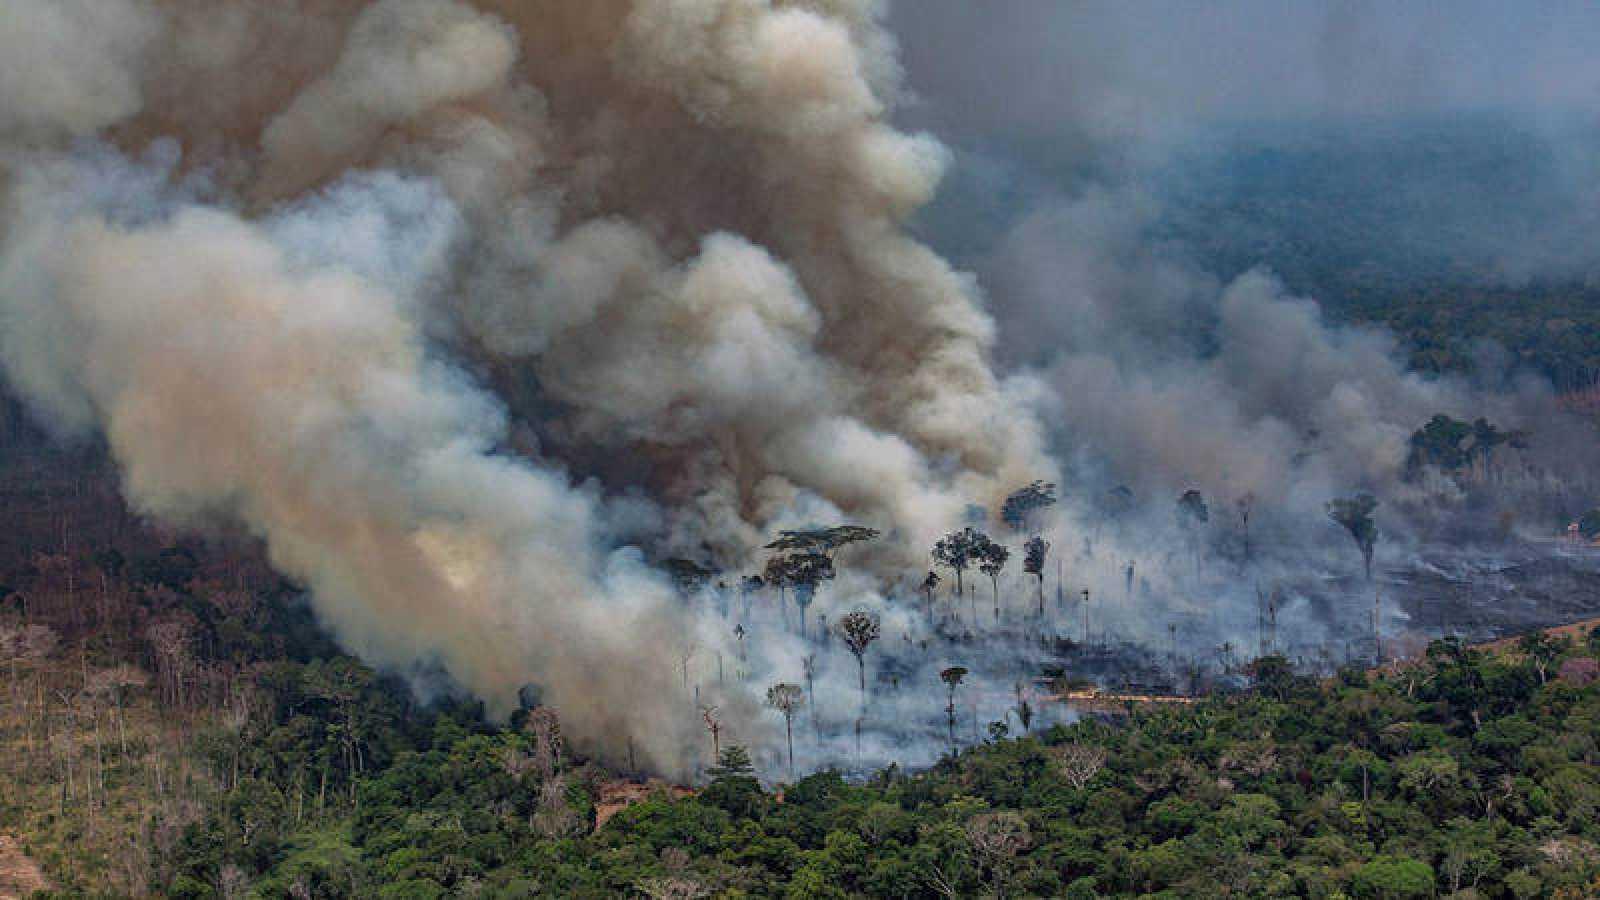 Imagen difundida por Greenpeace de incendios en el estado de Rondonia, en Brasil. Victor MORIYAMA / GREENPEACE / AFP